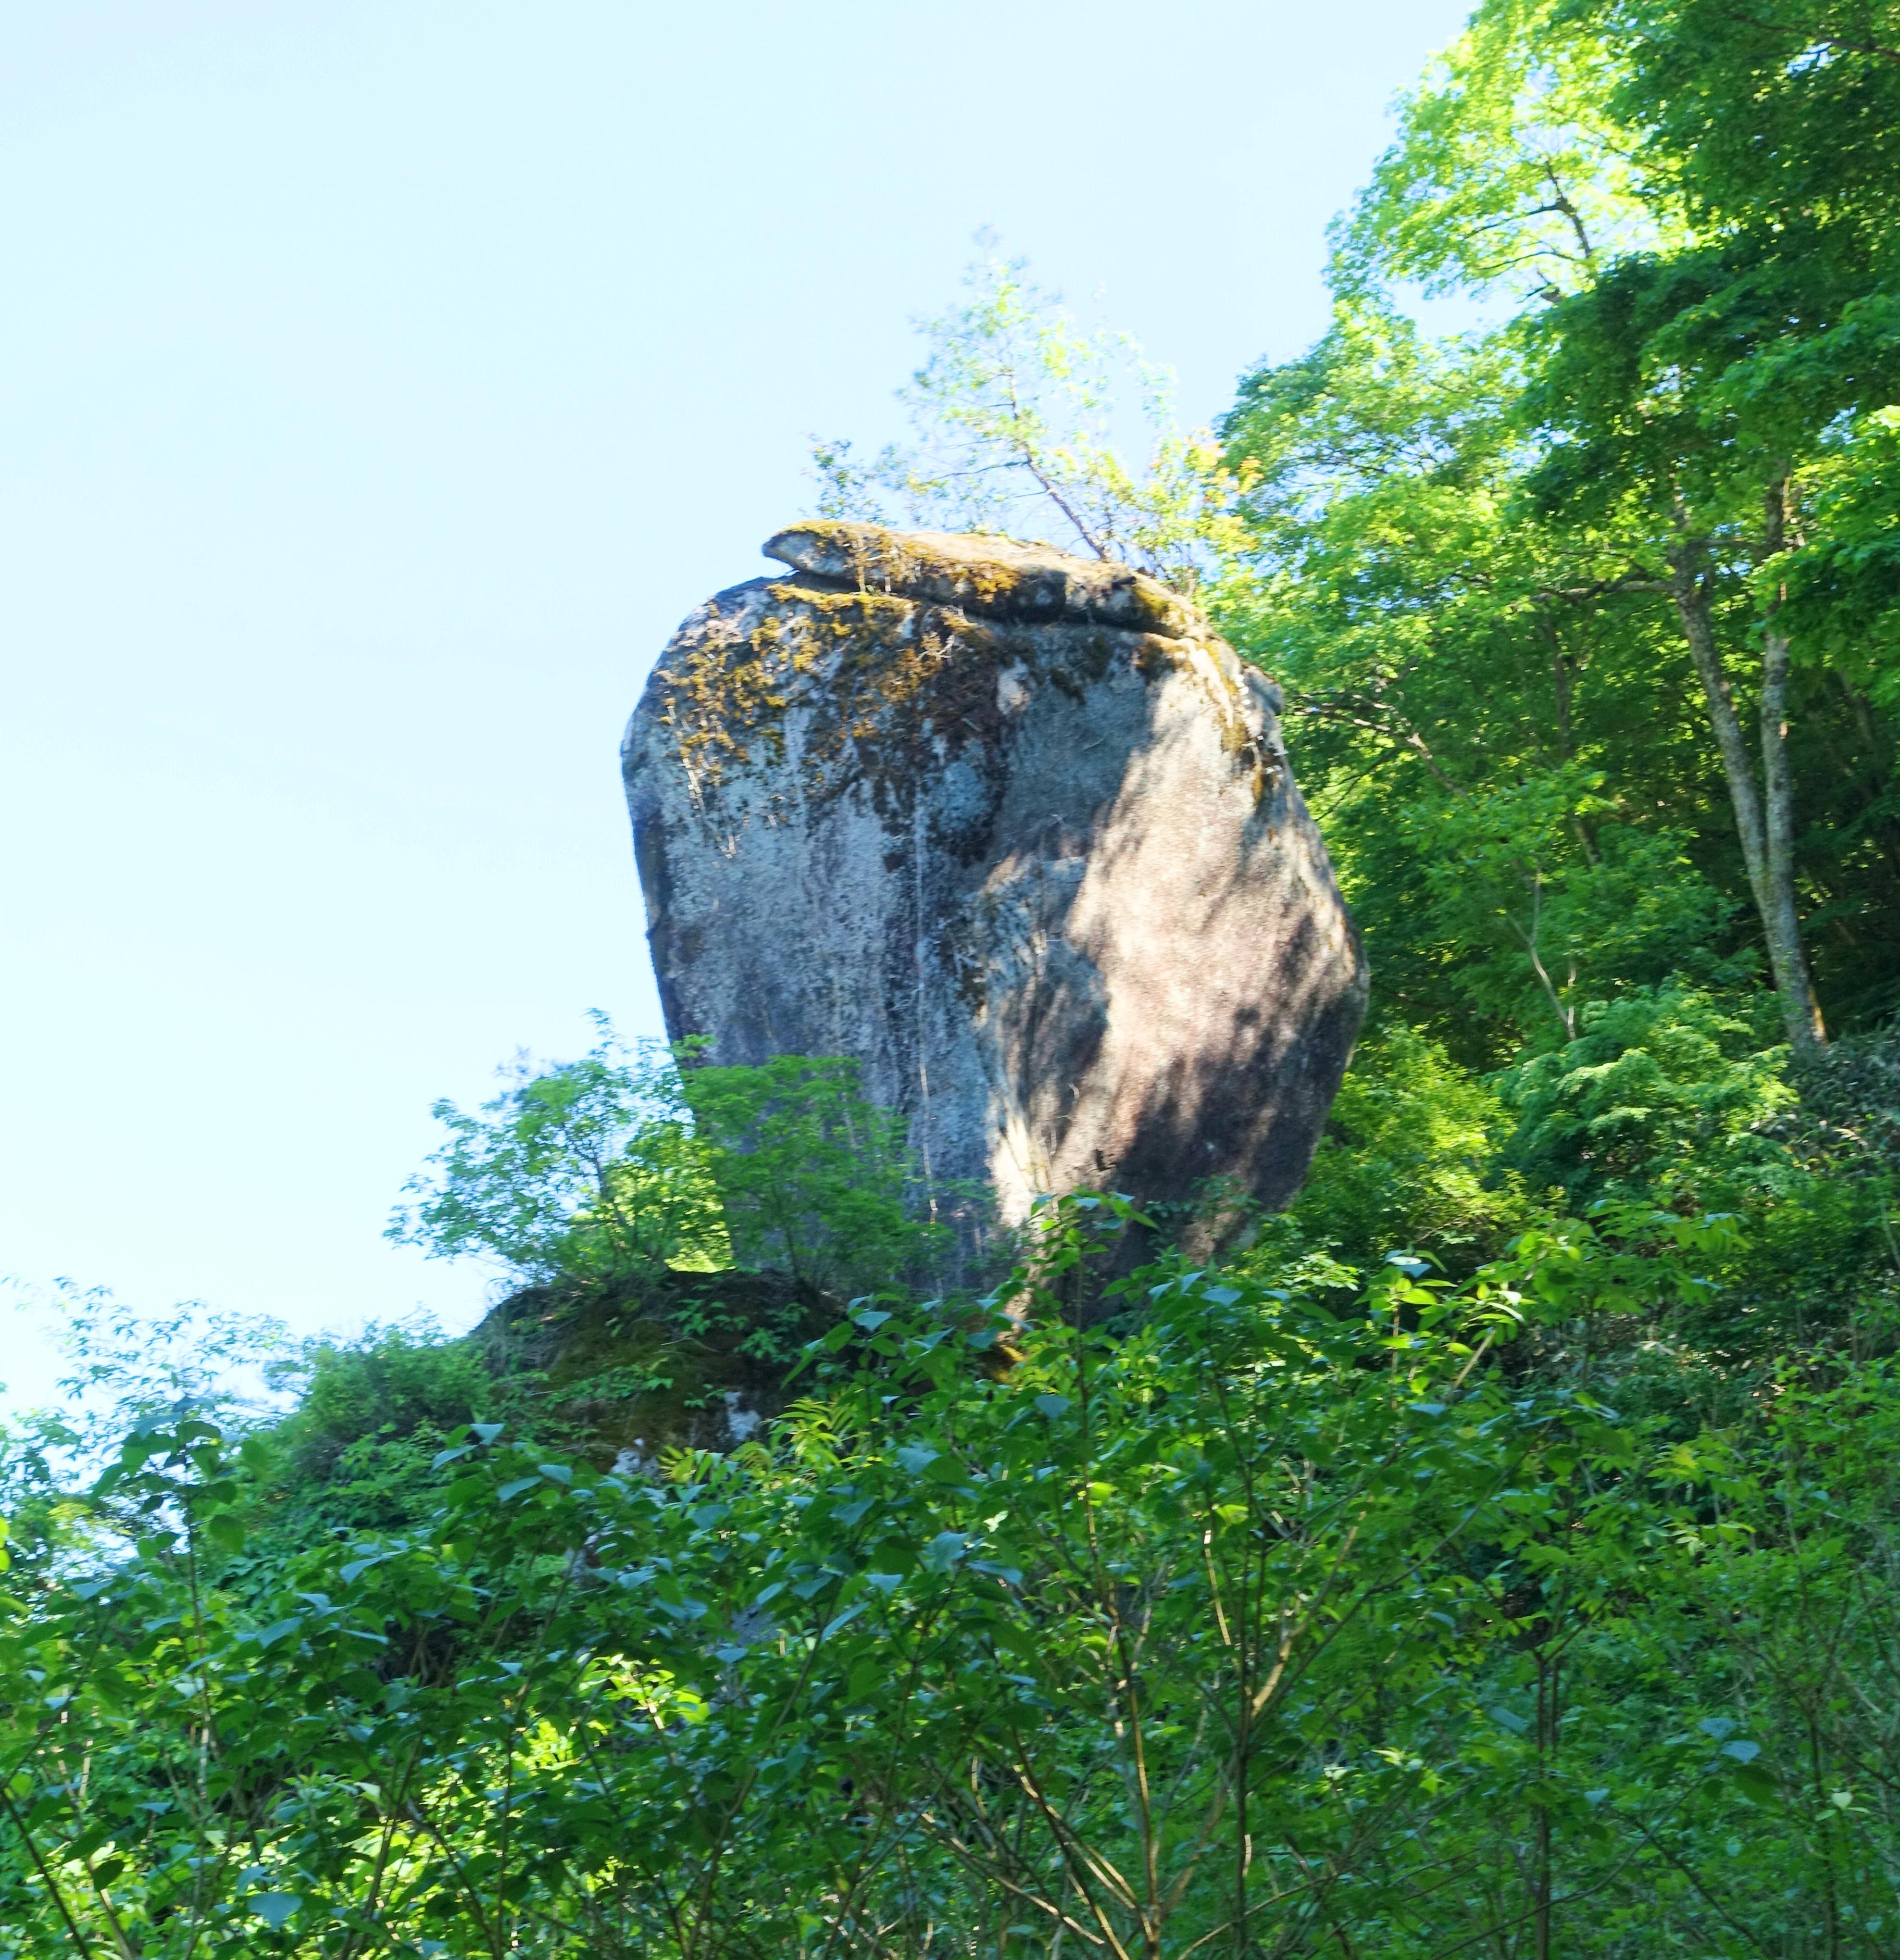 水瓶岩をはじめ様々な奇岩が見られる鬼の舌震に行ってみた | ぷくぷく ...